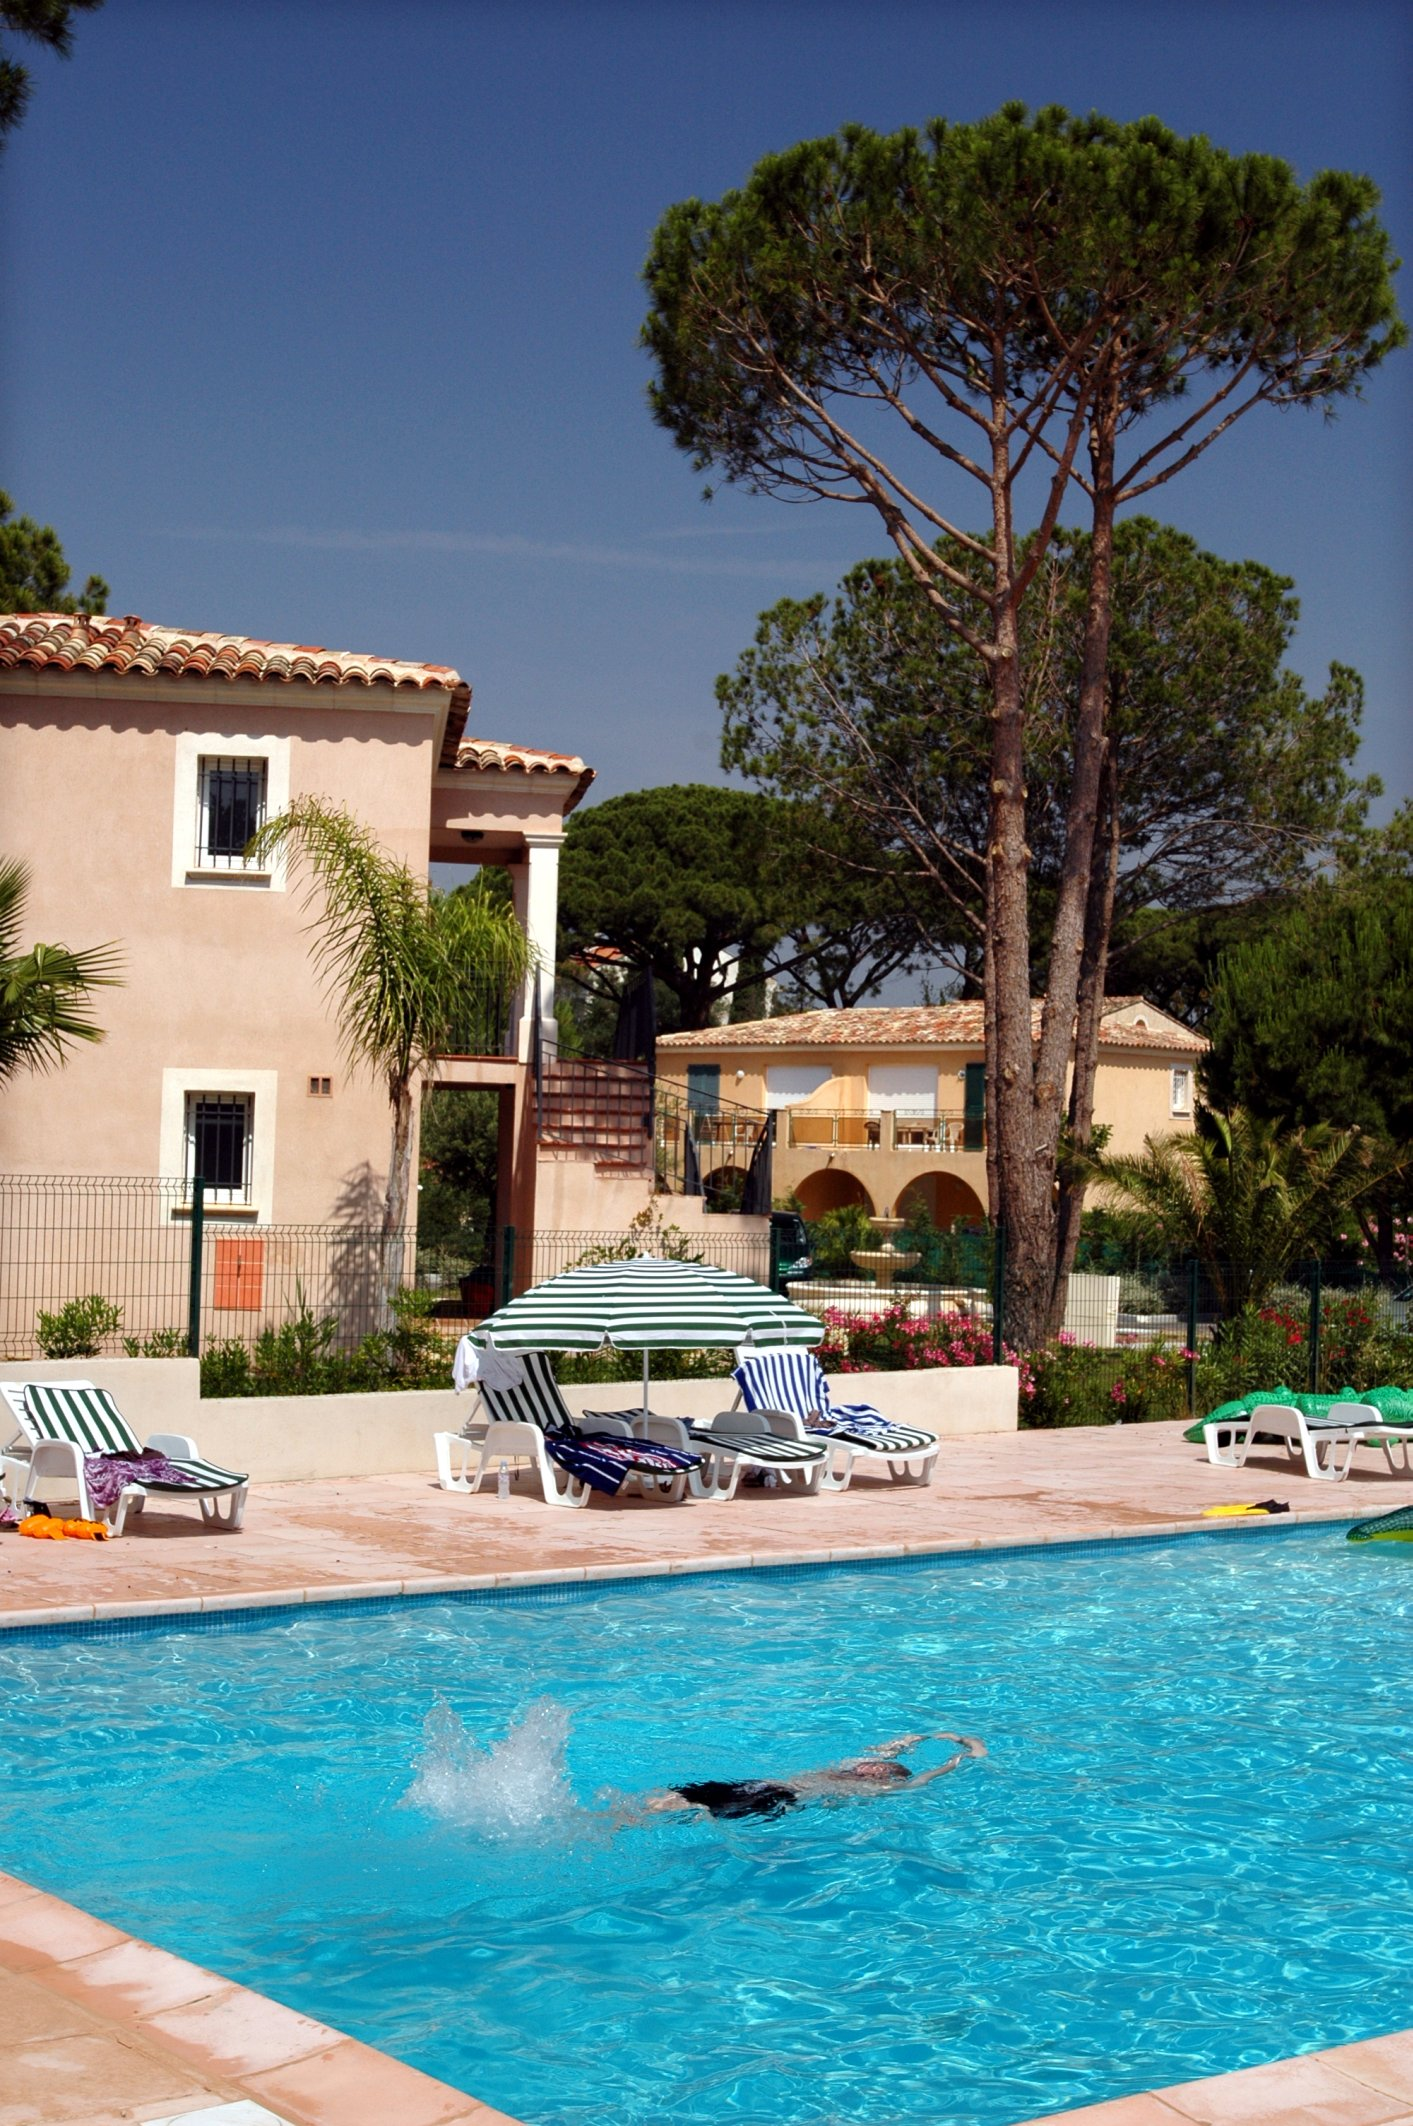 Ferienwohnung Gassin/St. Tropez 3p6 Le Clos-RDC/É (1063857), Gassin, Côte d'Azur, Provence - Alpen - Côte d'Azur, Frankreich, Bild 13